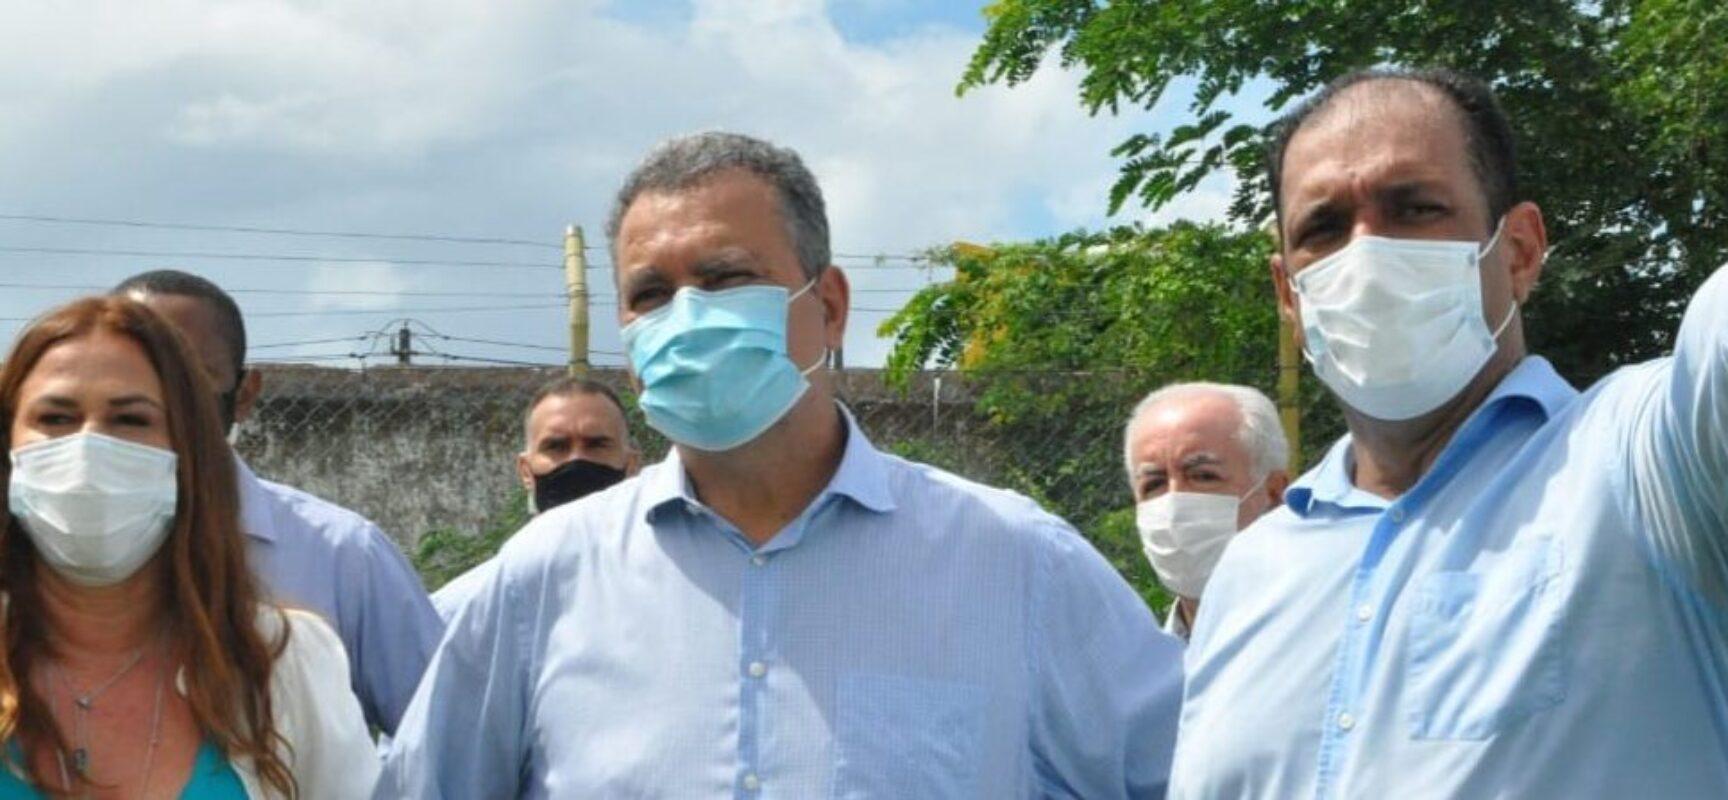 Prefeito Mário Alexandre agradece ao governador Rui Costa por 'honrar compromisso com a região Sul e implantar BA-649'